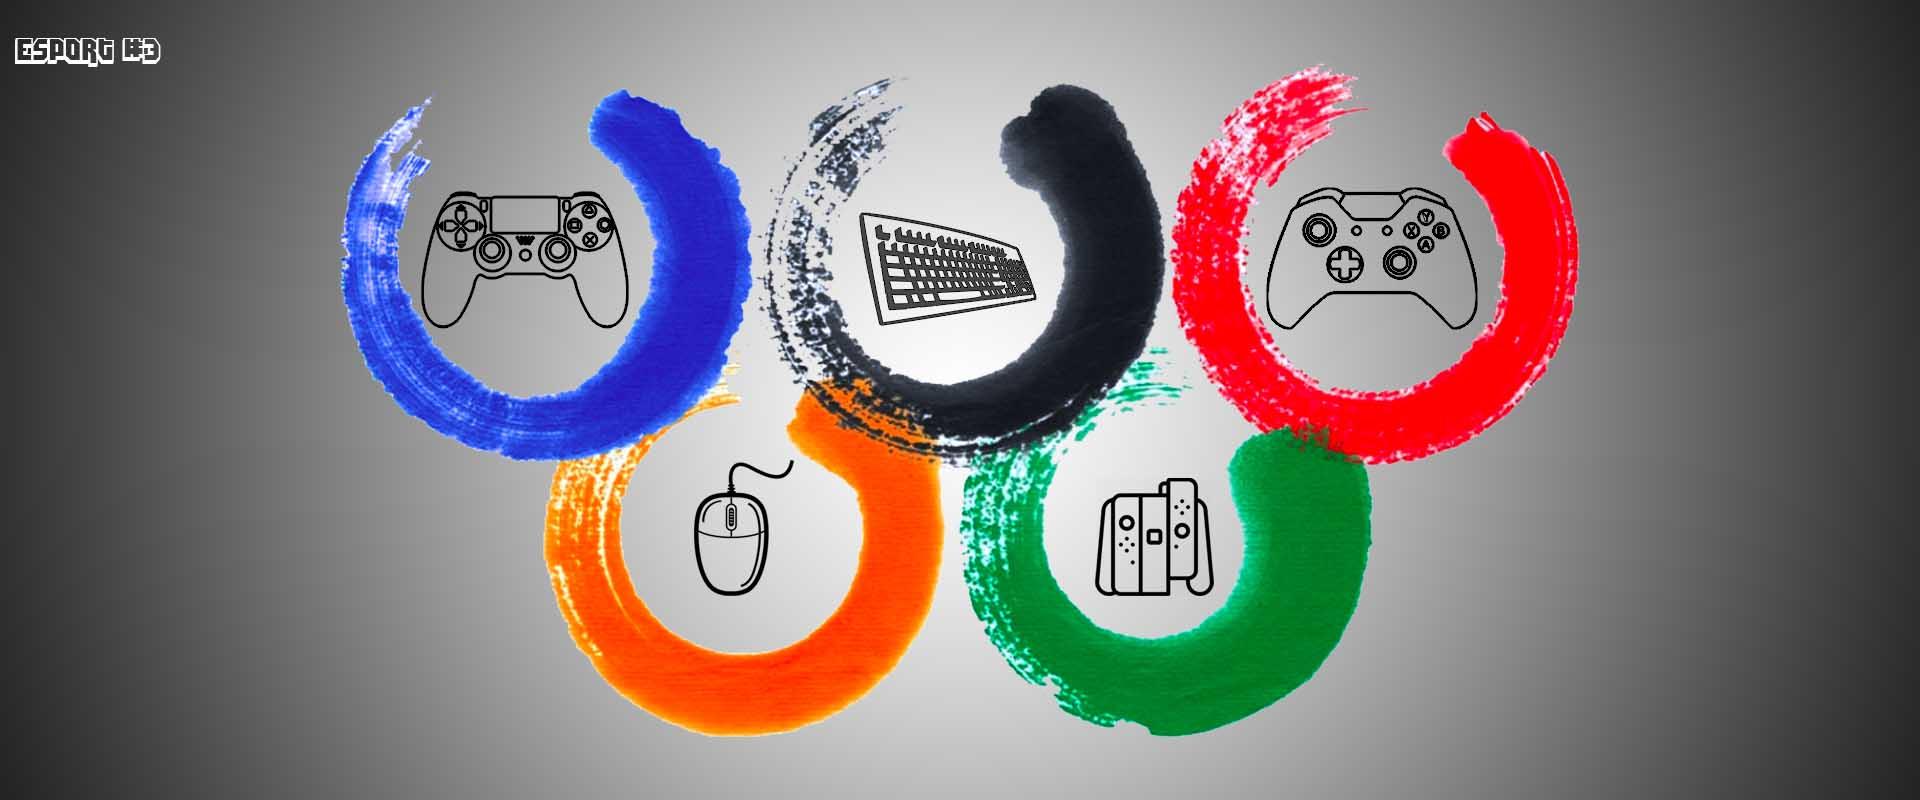 eSport #3 olimpia 🥇